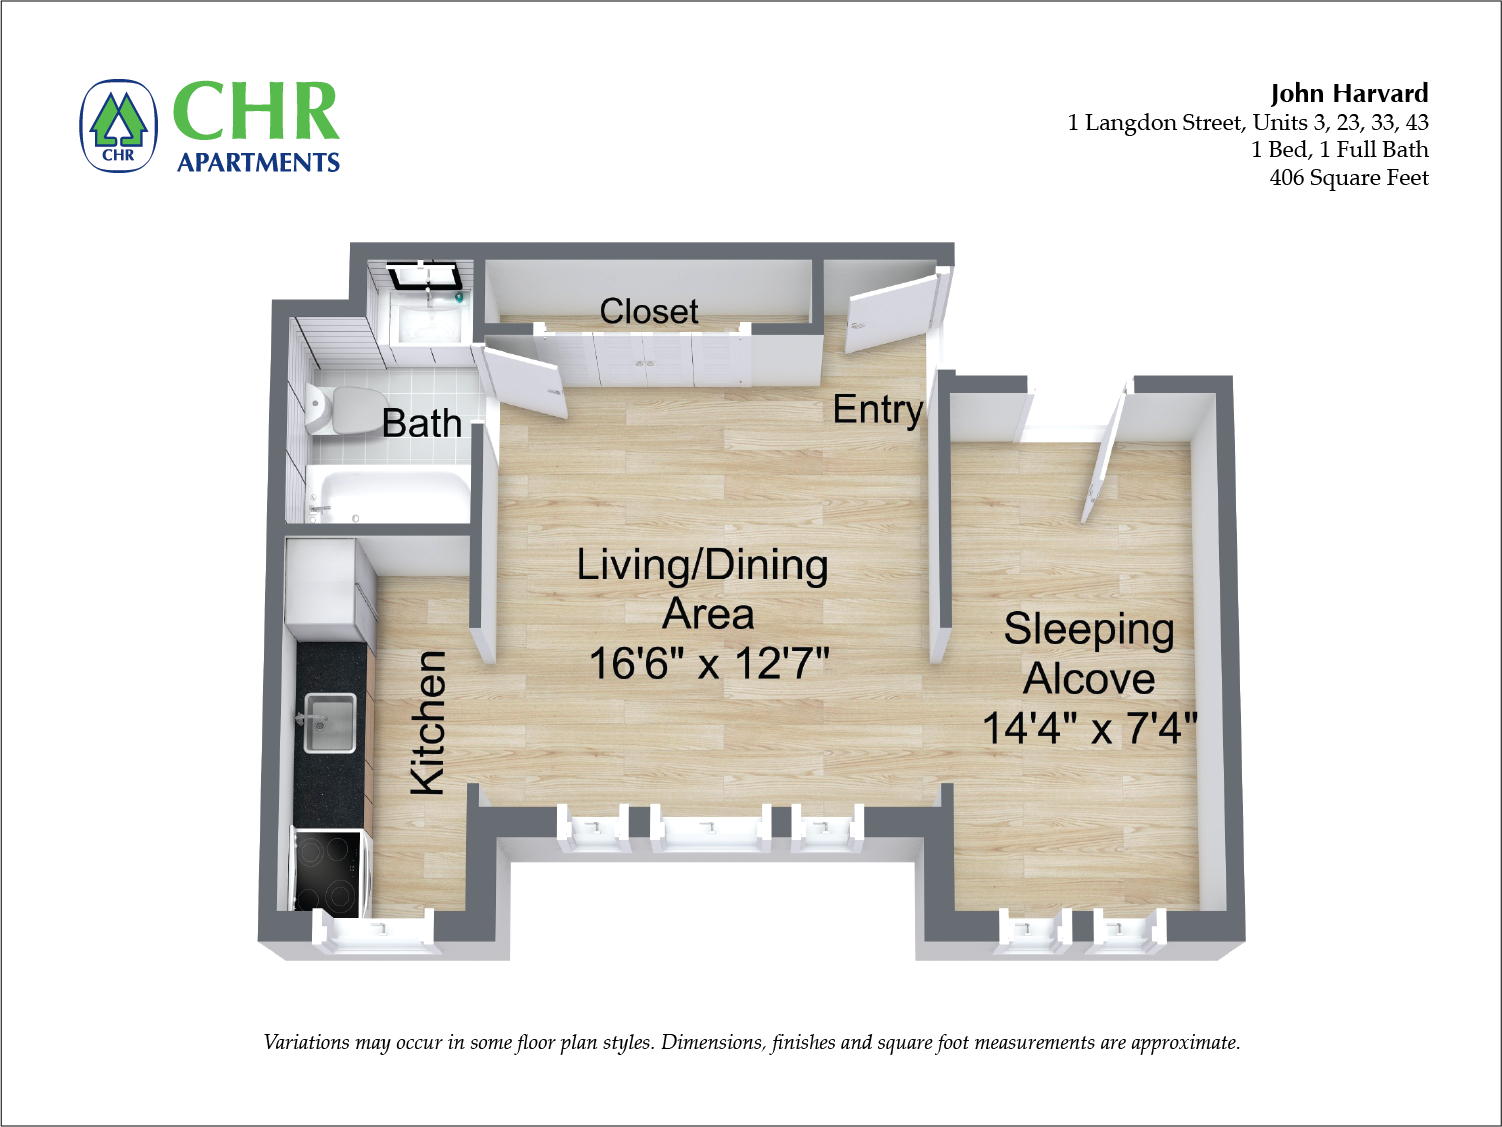 Floor plan John Harvard - 1 Bedroom image 2